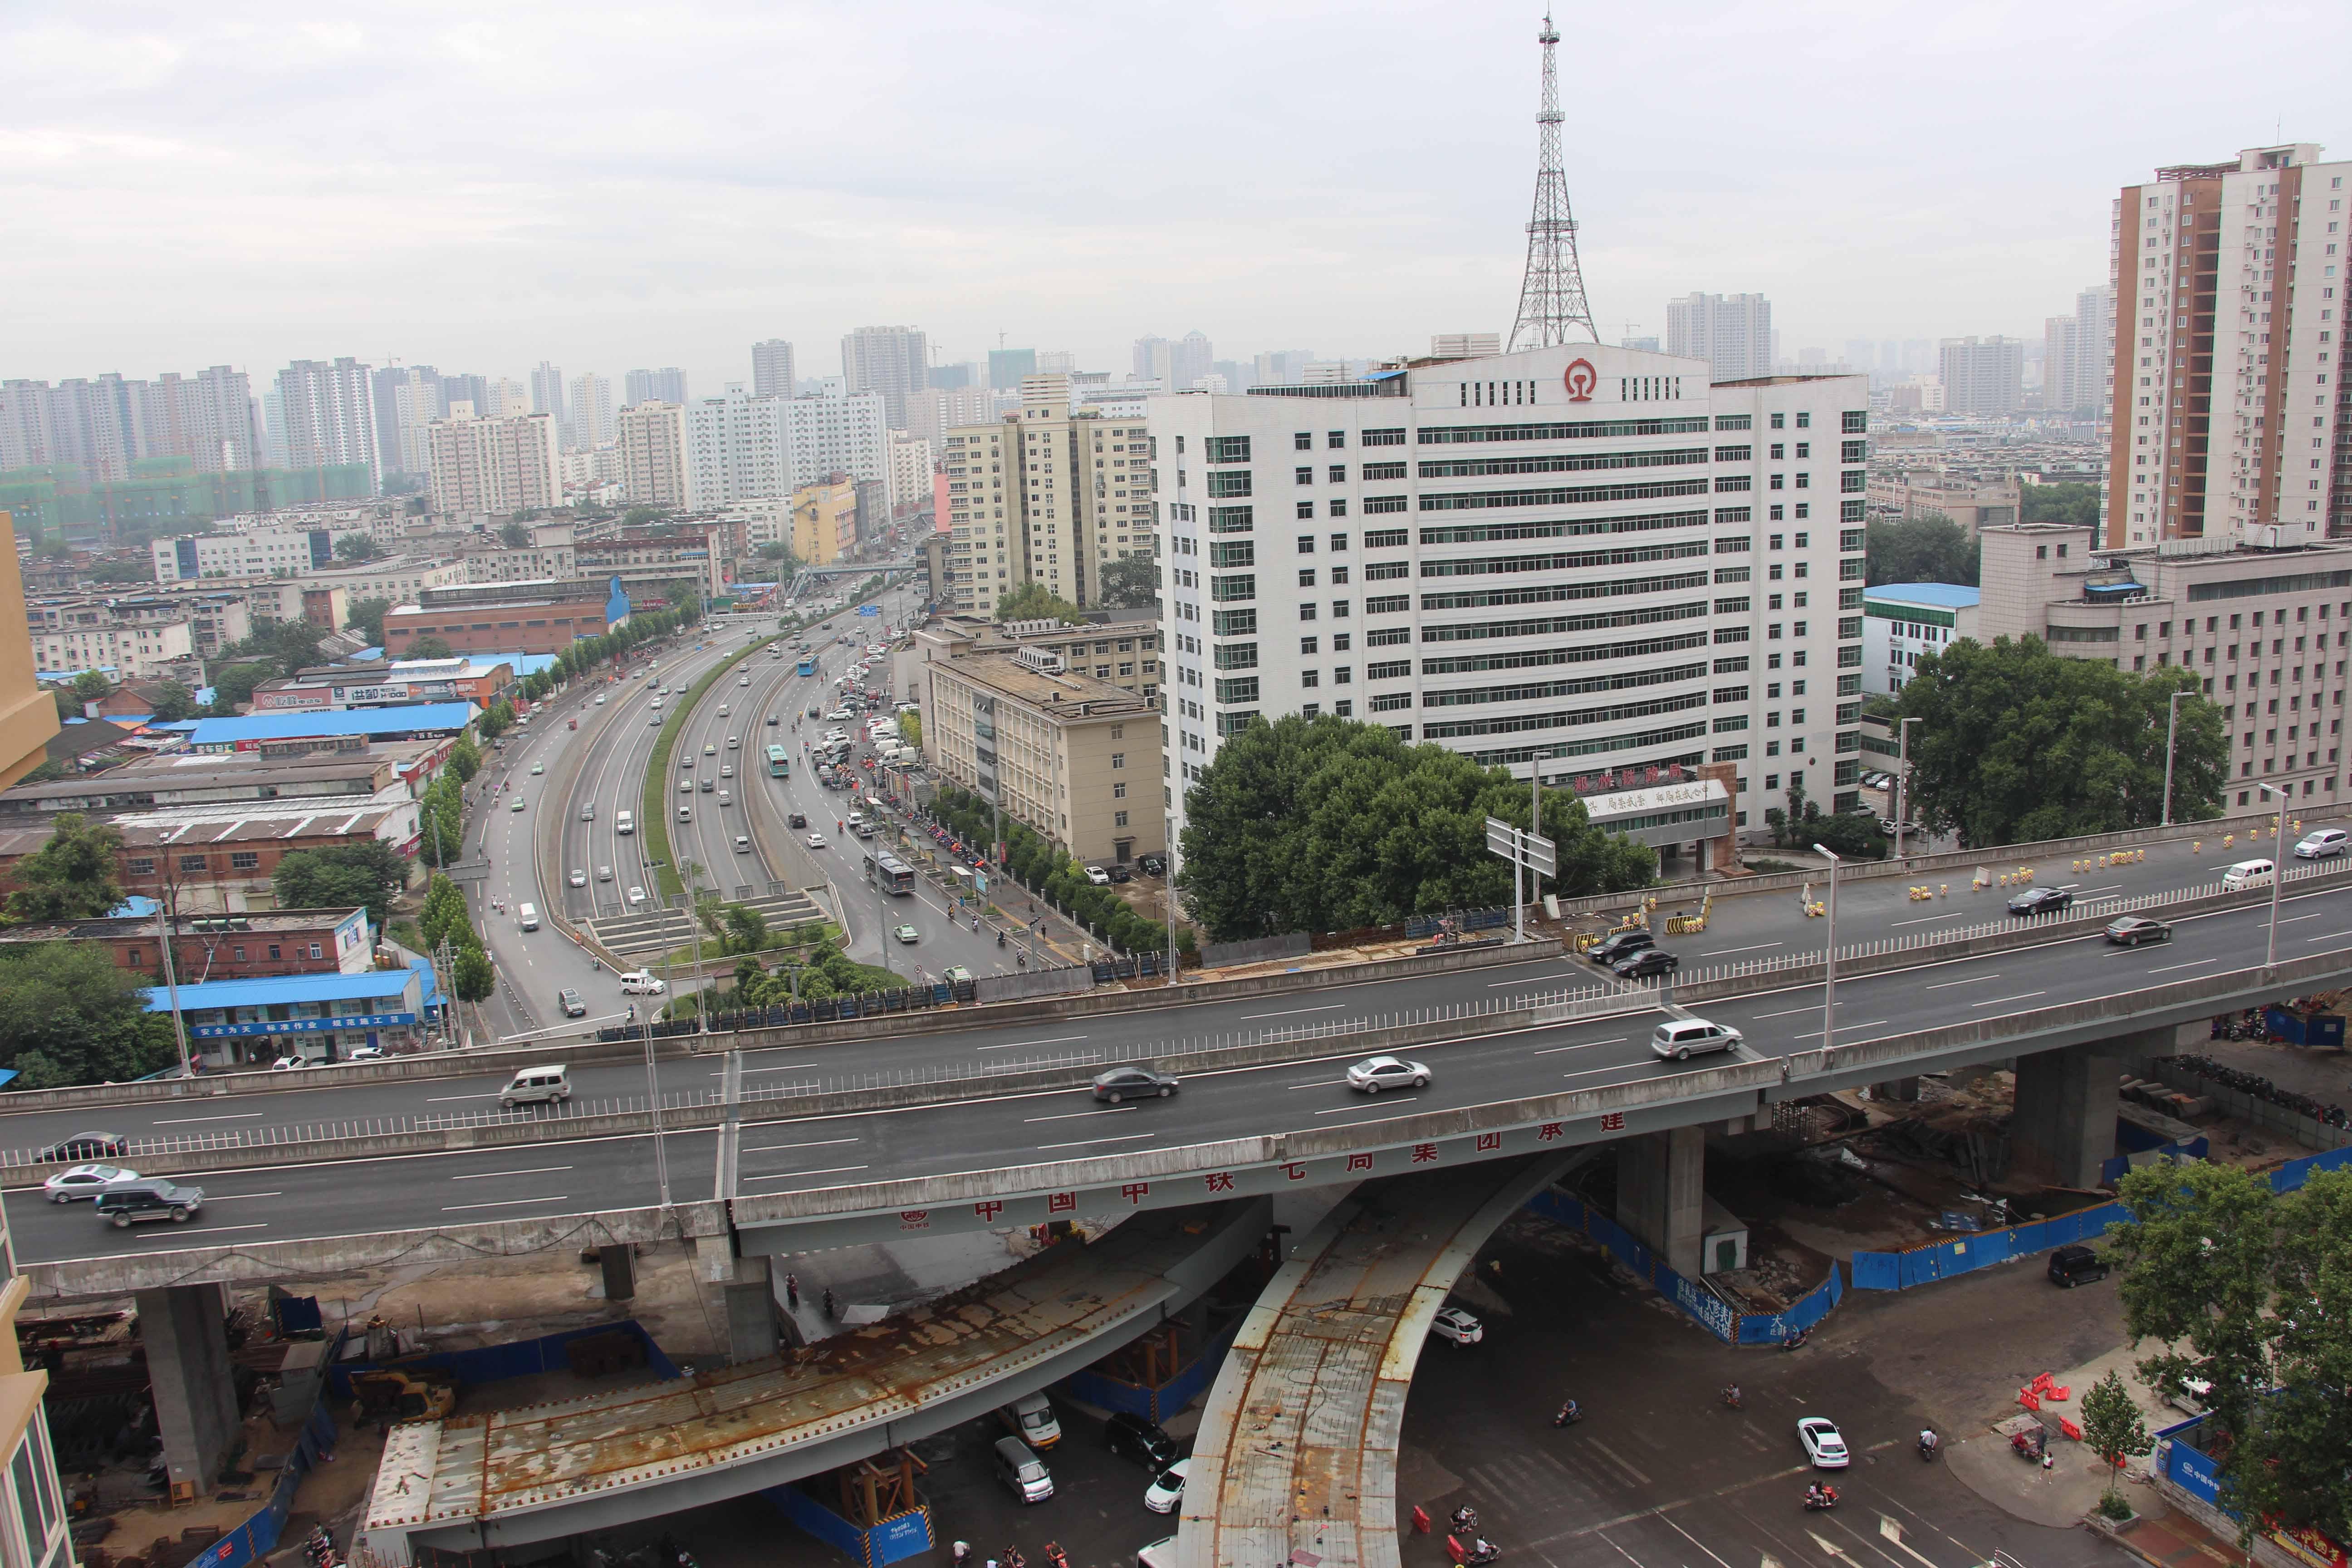 郑州陇海快速路工程(国家优质工程奖、河南市政工程金杯奖)